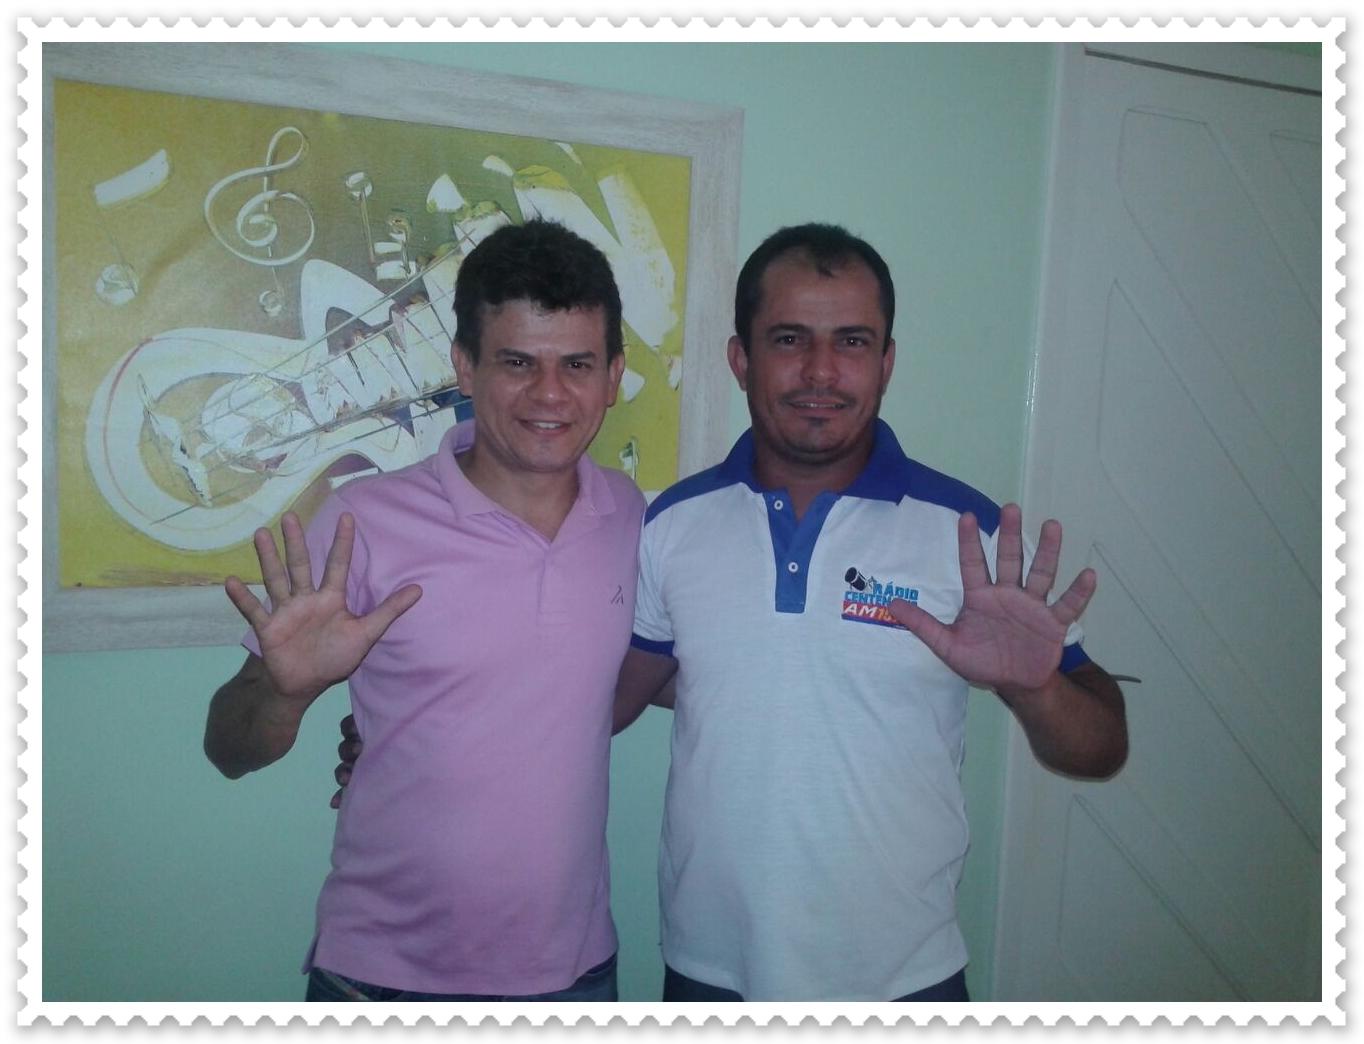 Resultado de imagem para PREFEITO jUNINHO ALVES E GILSON DE SOUZA